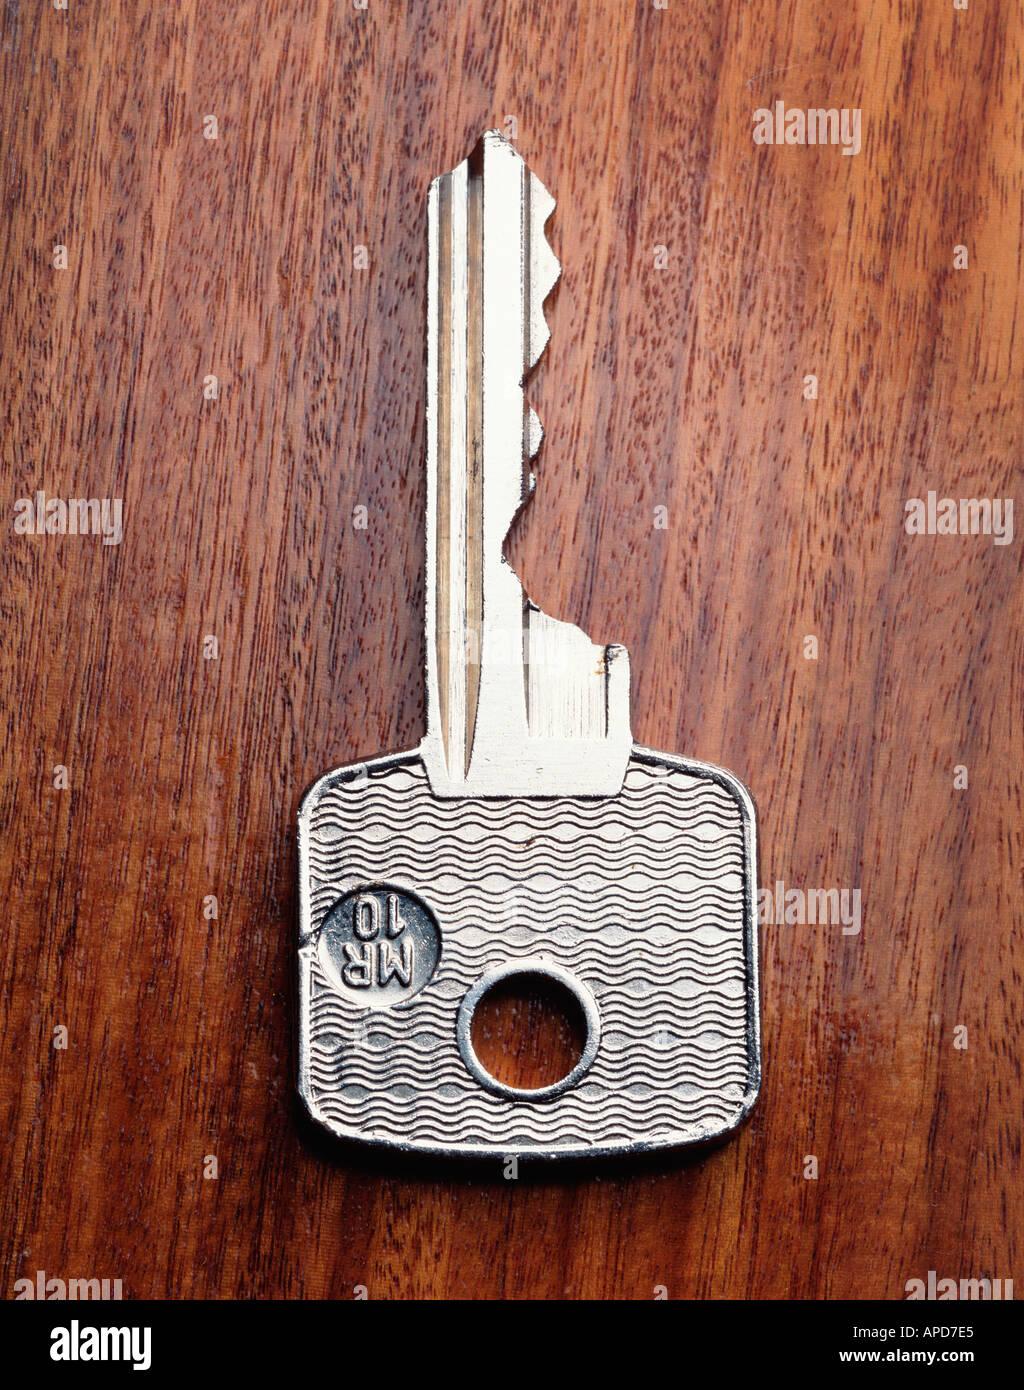 key on wood - Stock Image